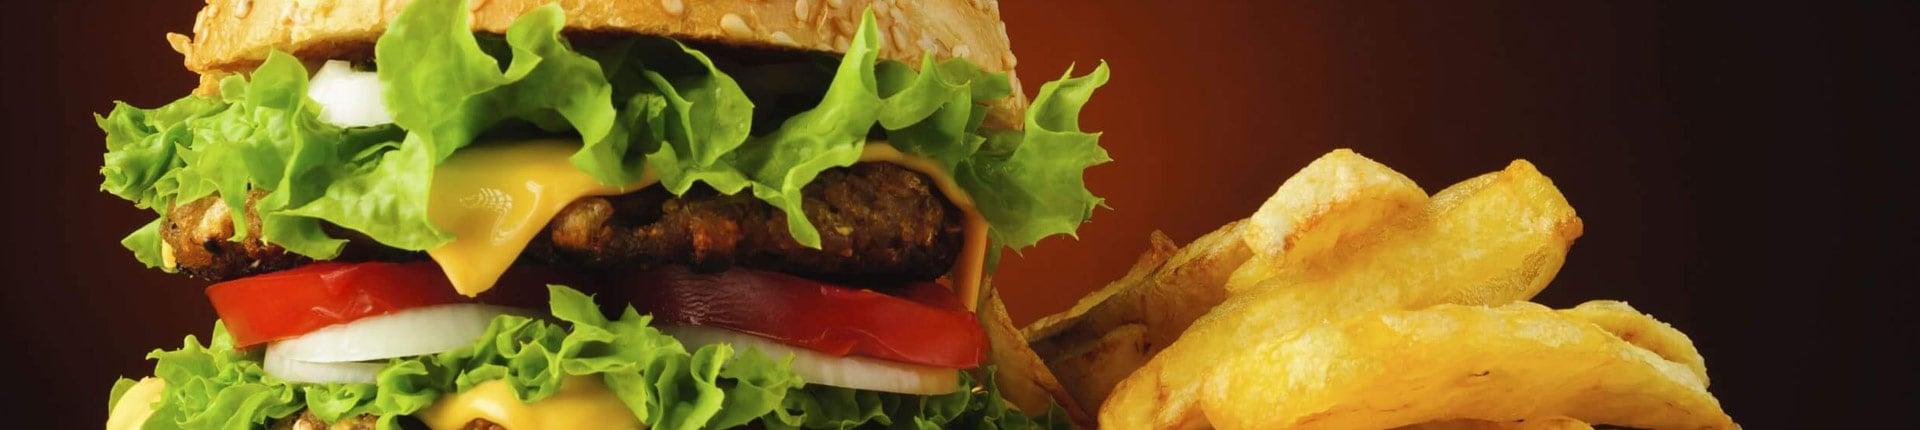 Dieta a Burger King?